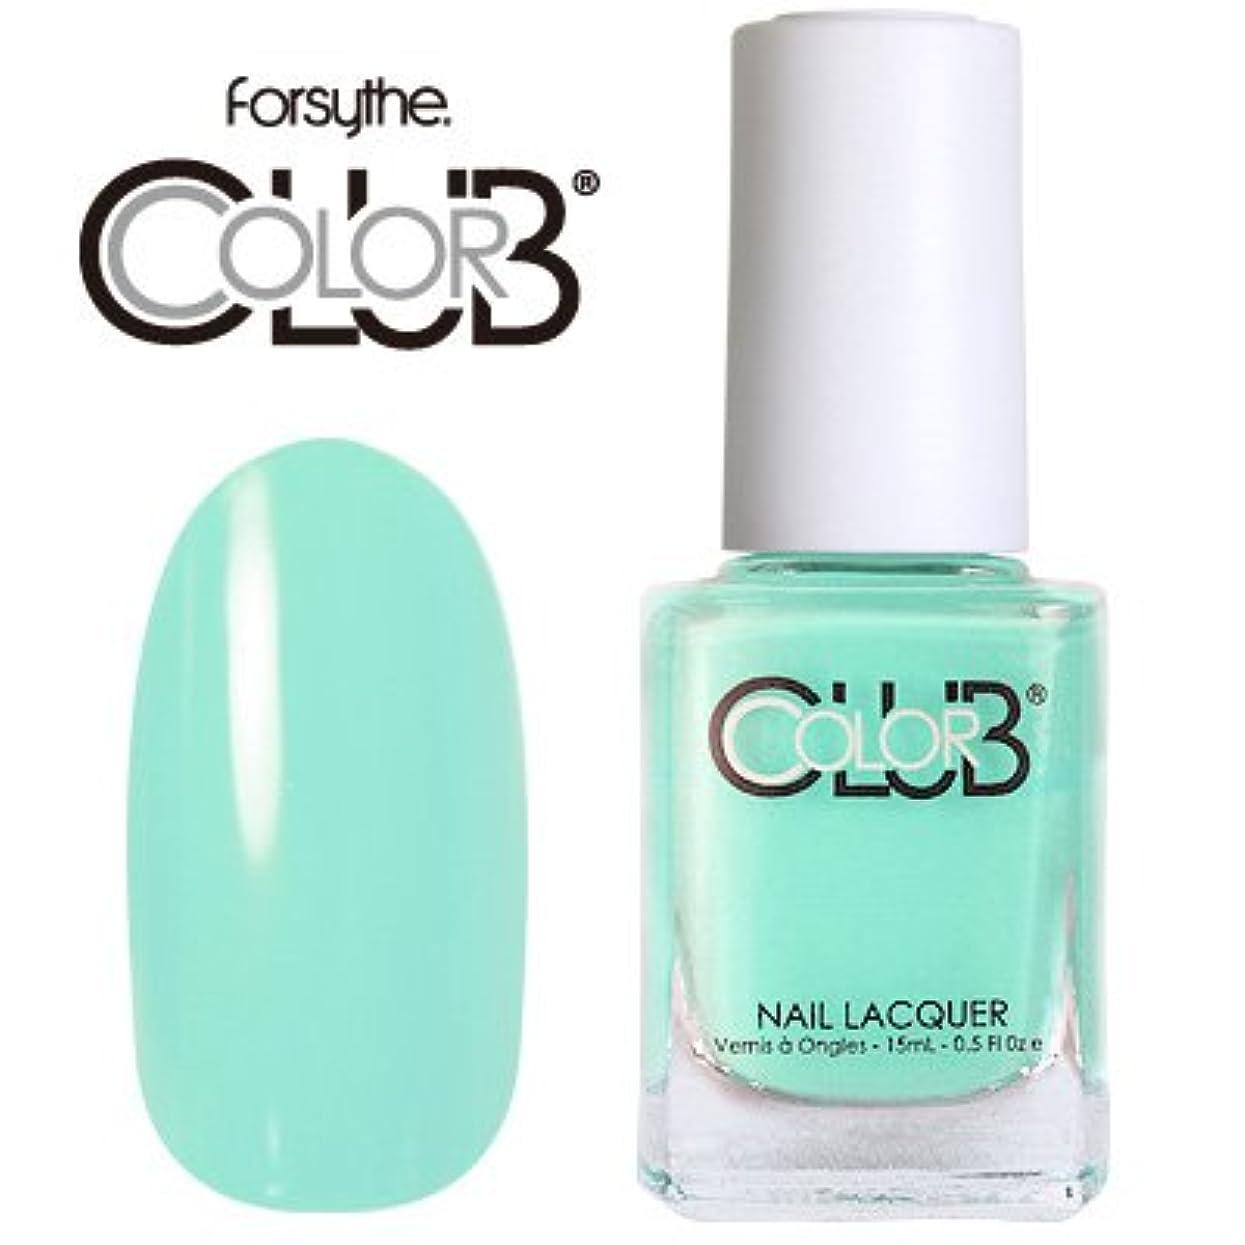 回答嫌なむちゃくちゃフォーサイス カラークラブ 954/Blue-ming 【forsythe COLOR CLUB】【ネイルラッカー】【マニキュア】